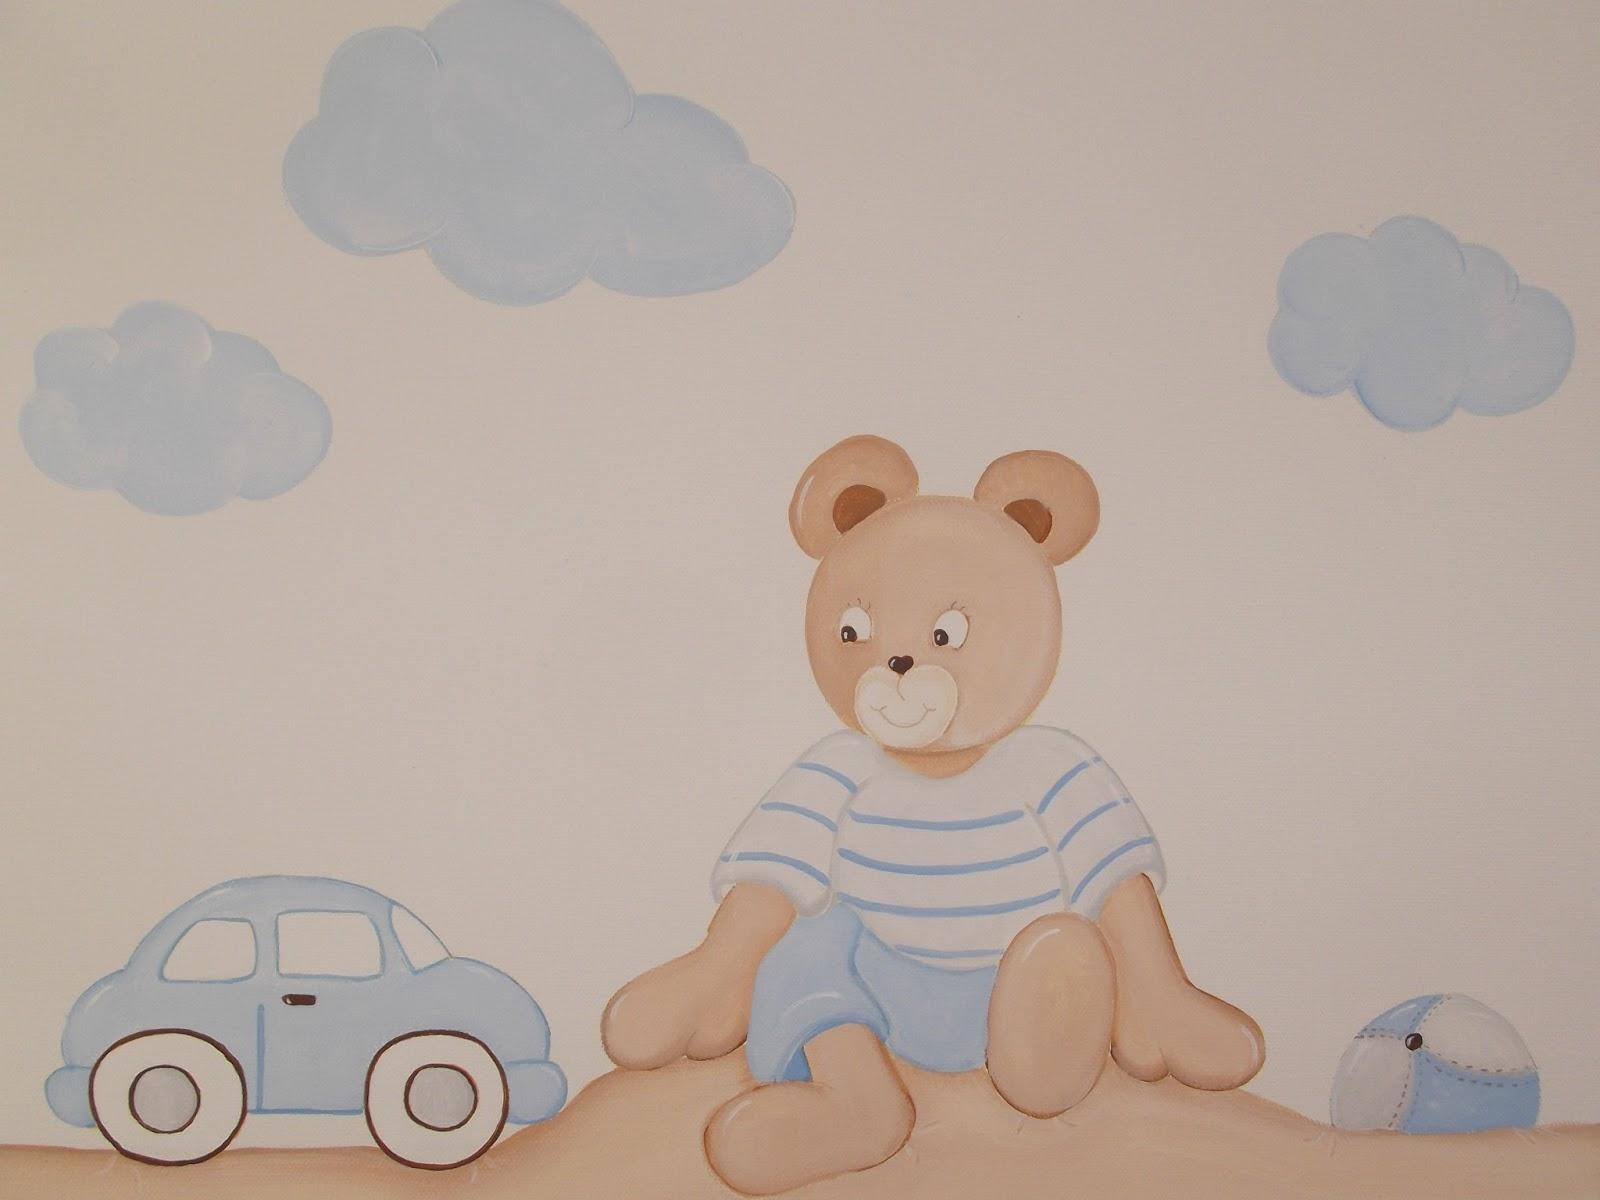 Decoraci n infantil pekerines cuadros beb s ositos jugando al aire libre - Cuadros habitacion nino ...